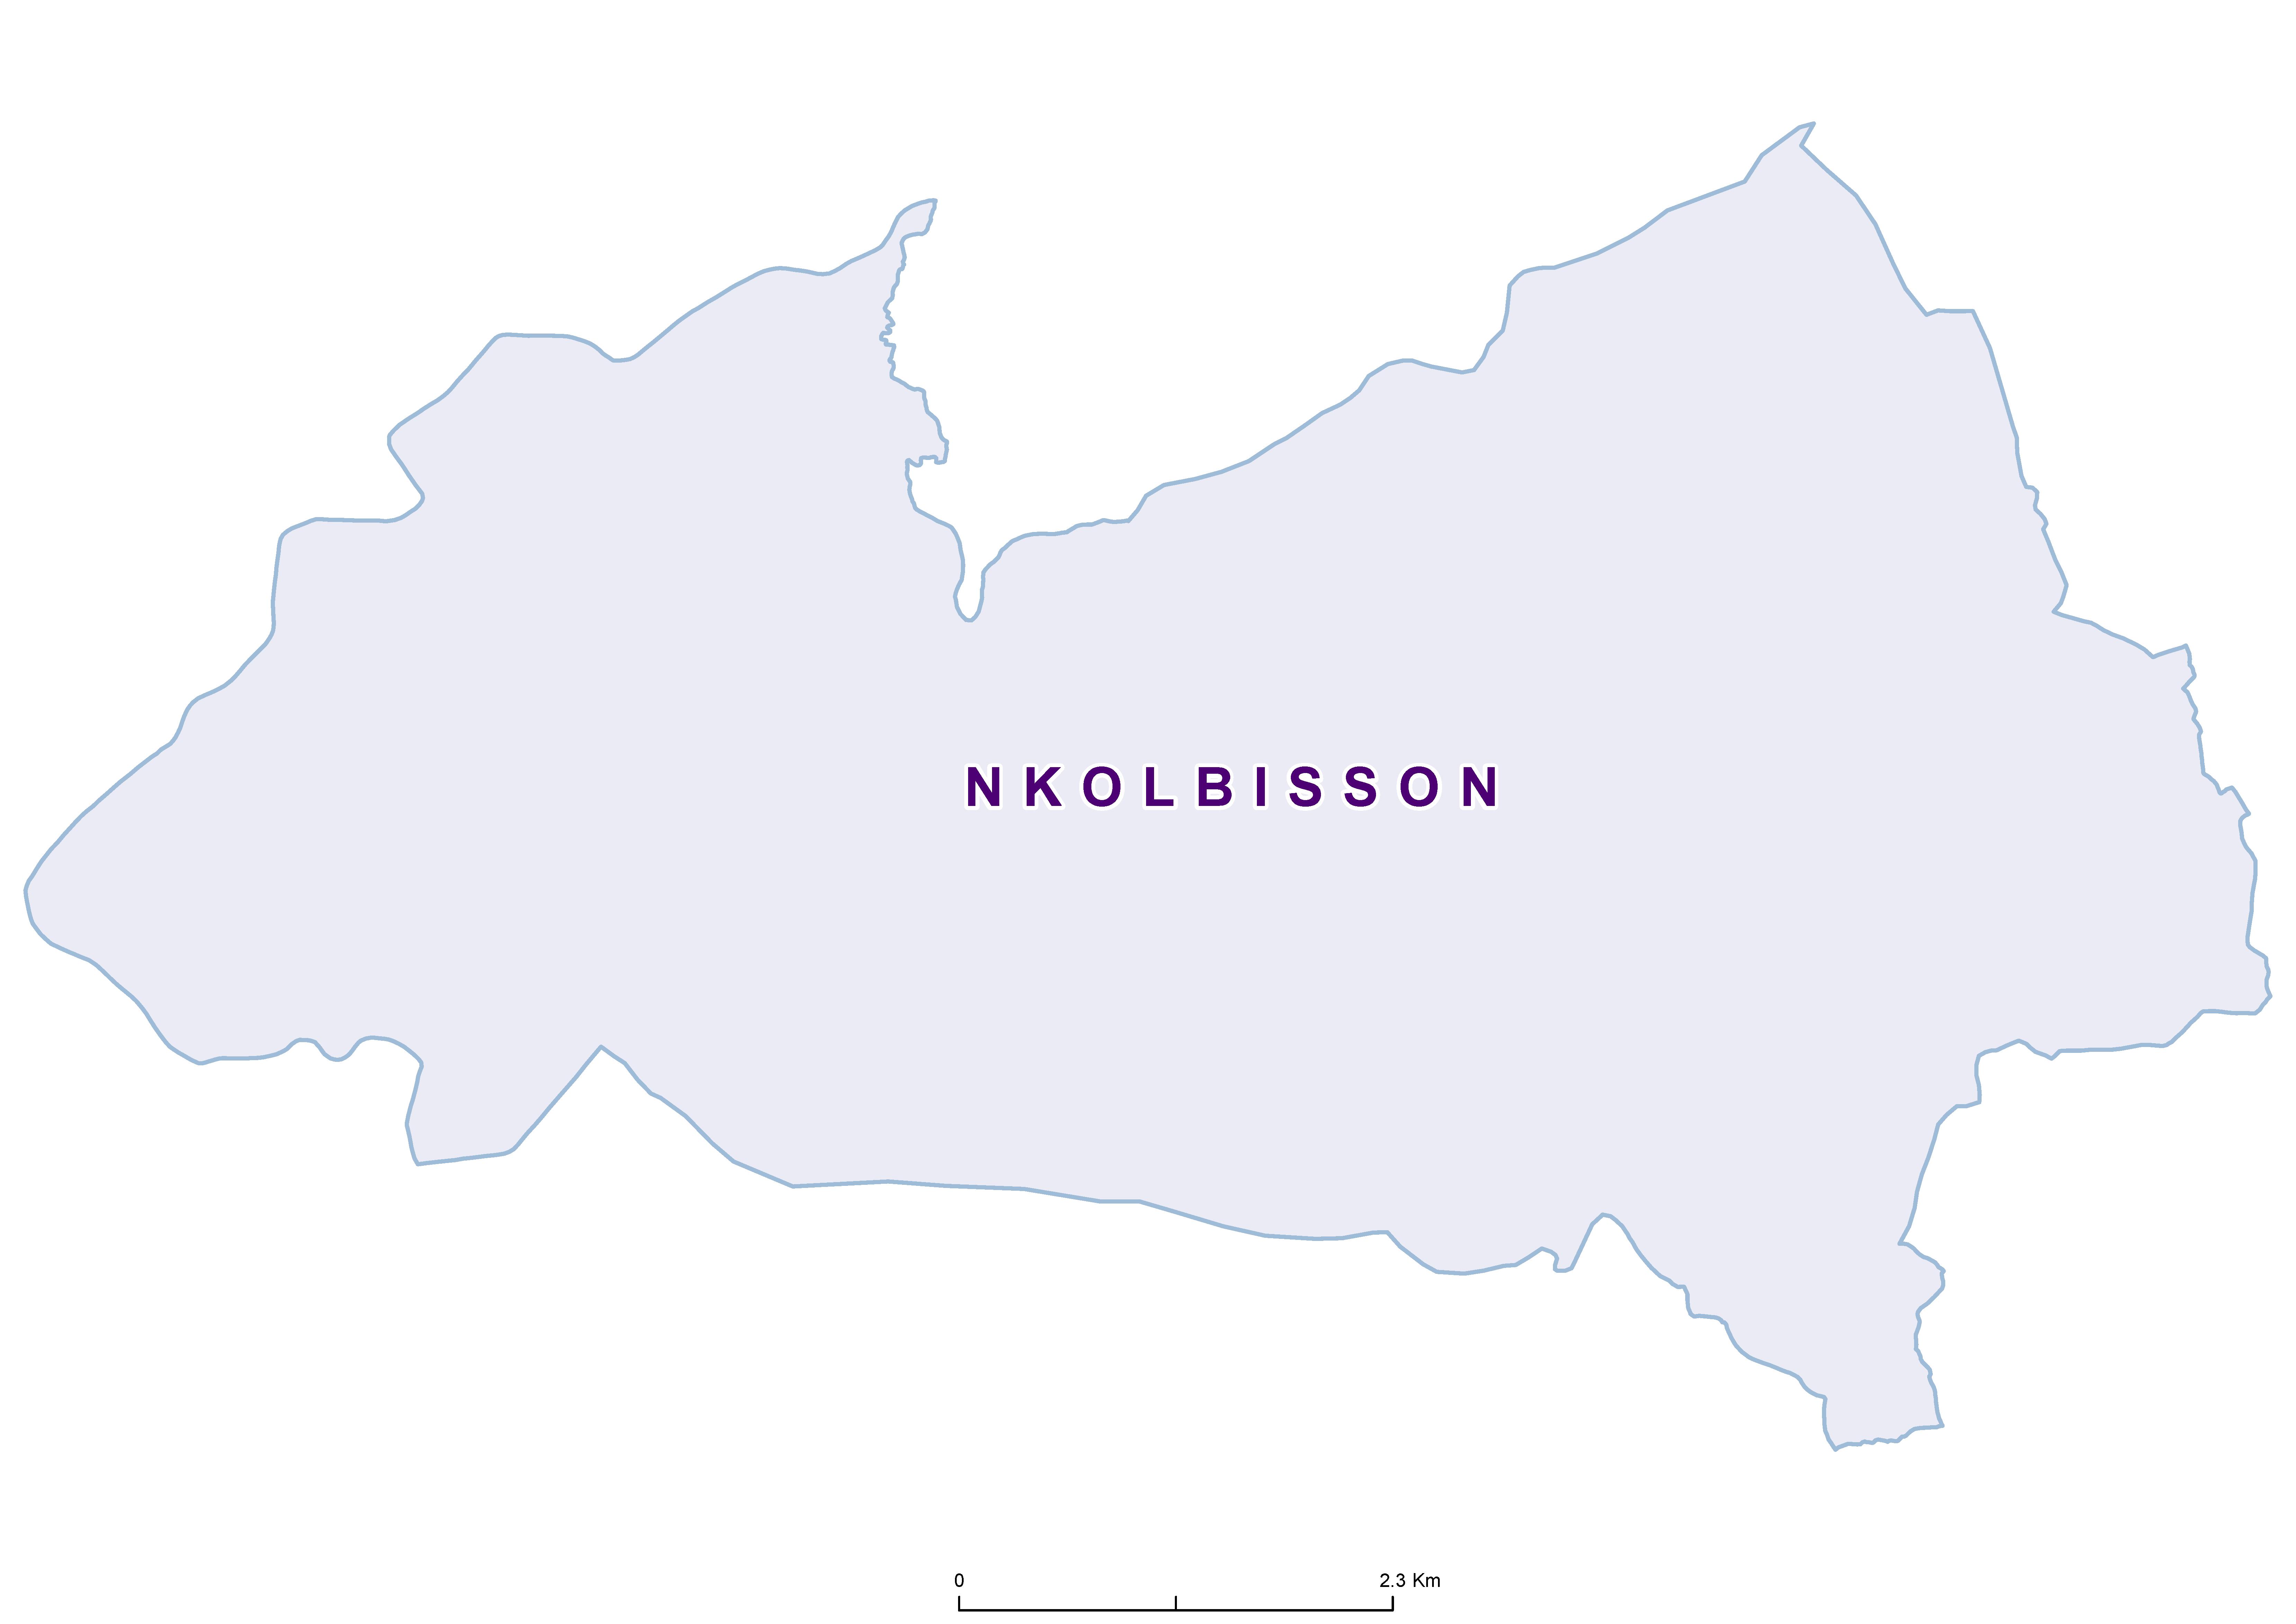 Nkolbisson Mean SCH 19850001